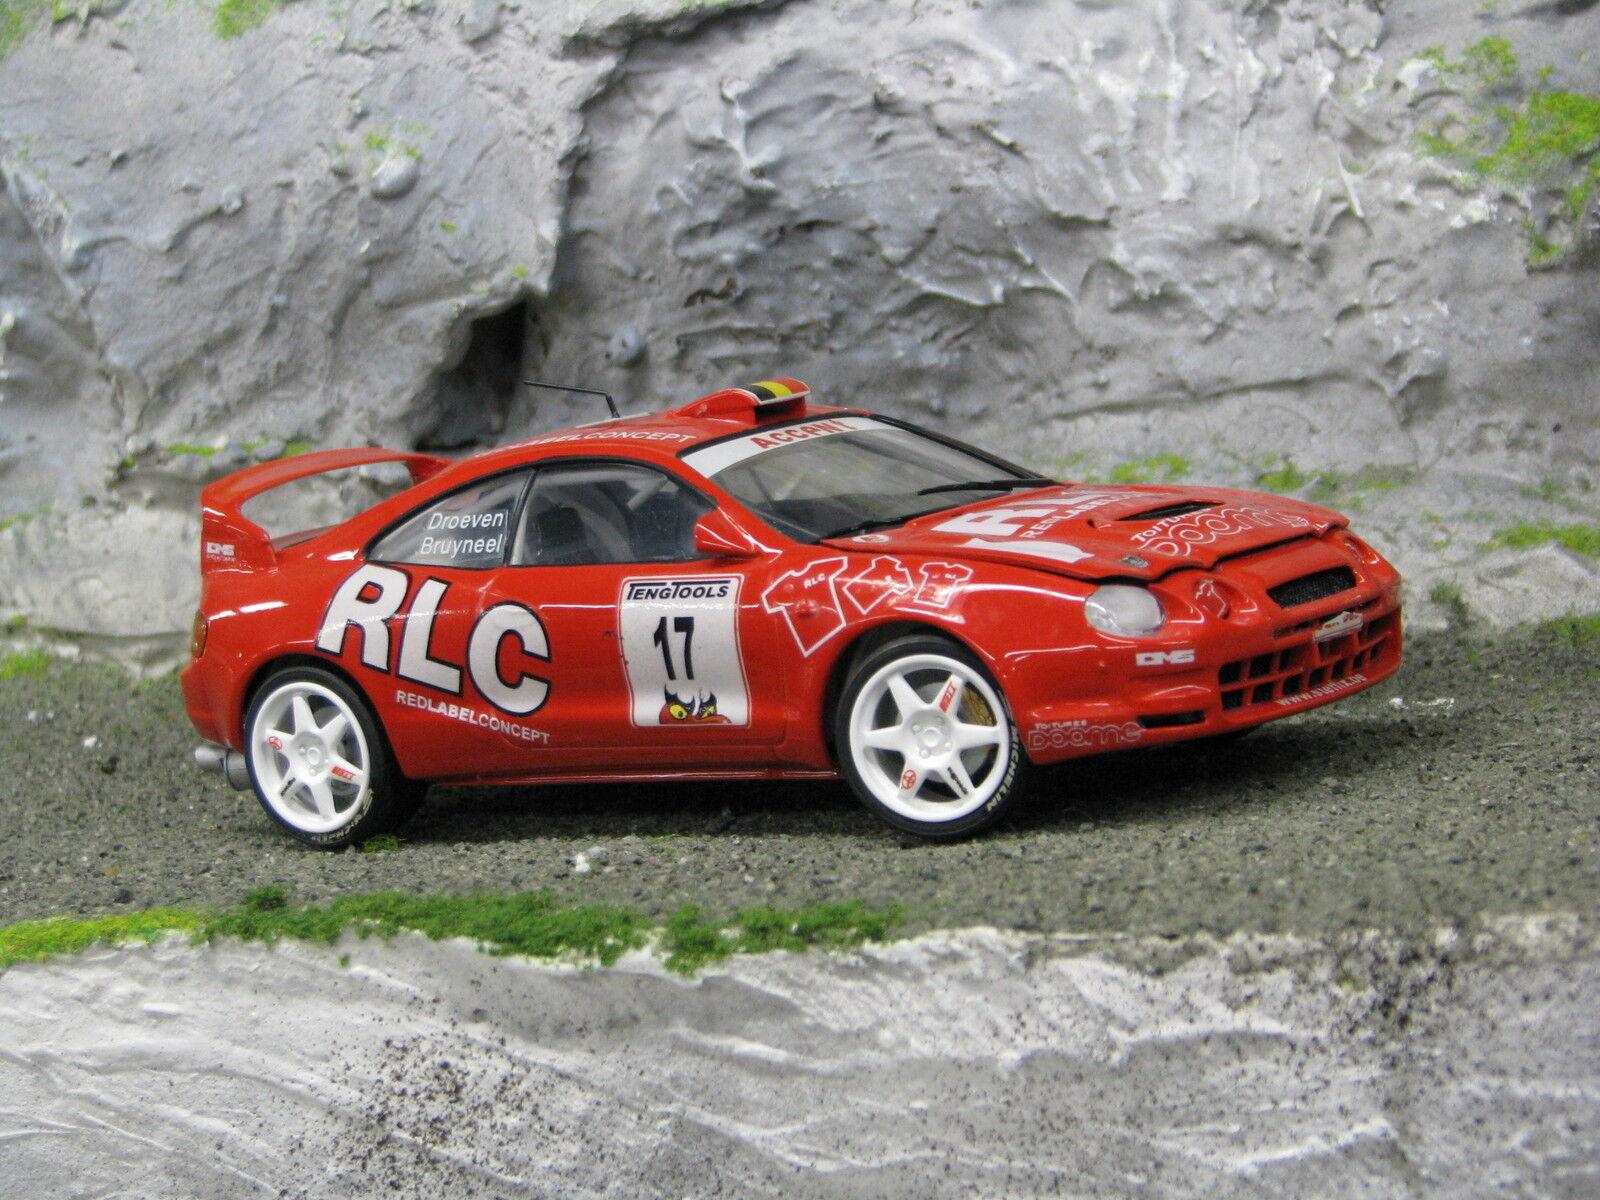 QSP Toyota Celica GT-Four 1:24  17 Bruyneel / Droeven Omloop van Vlaanderen 2001